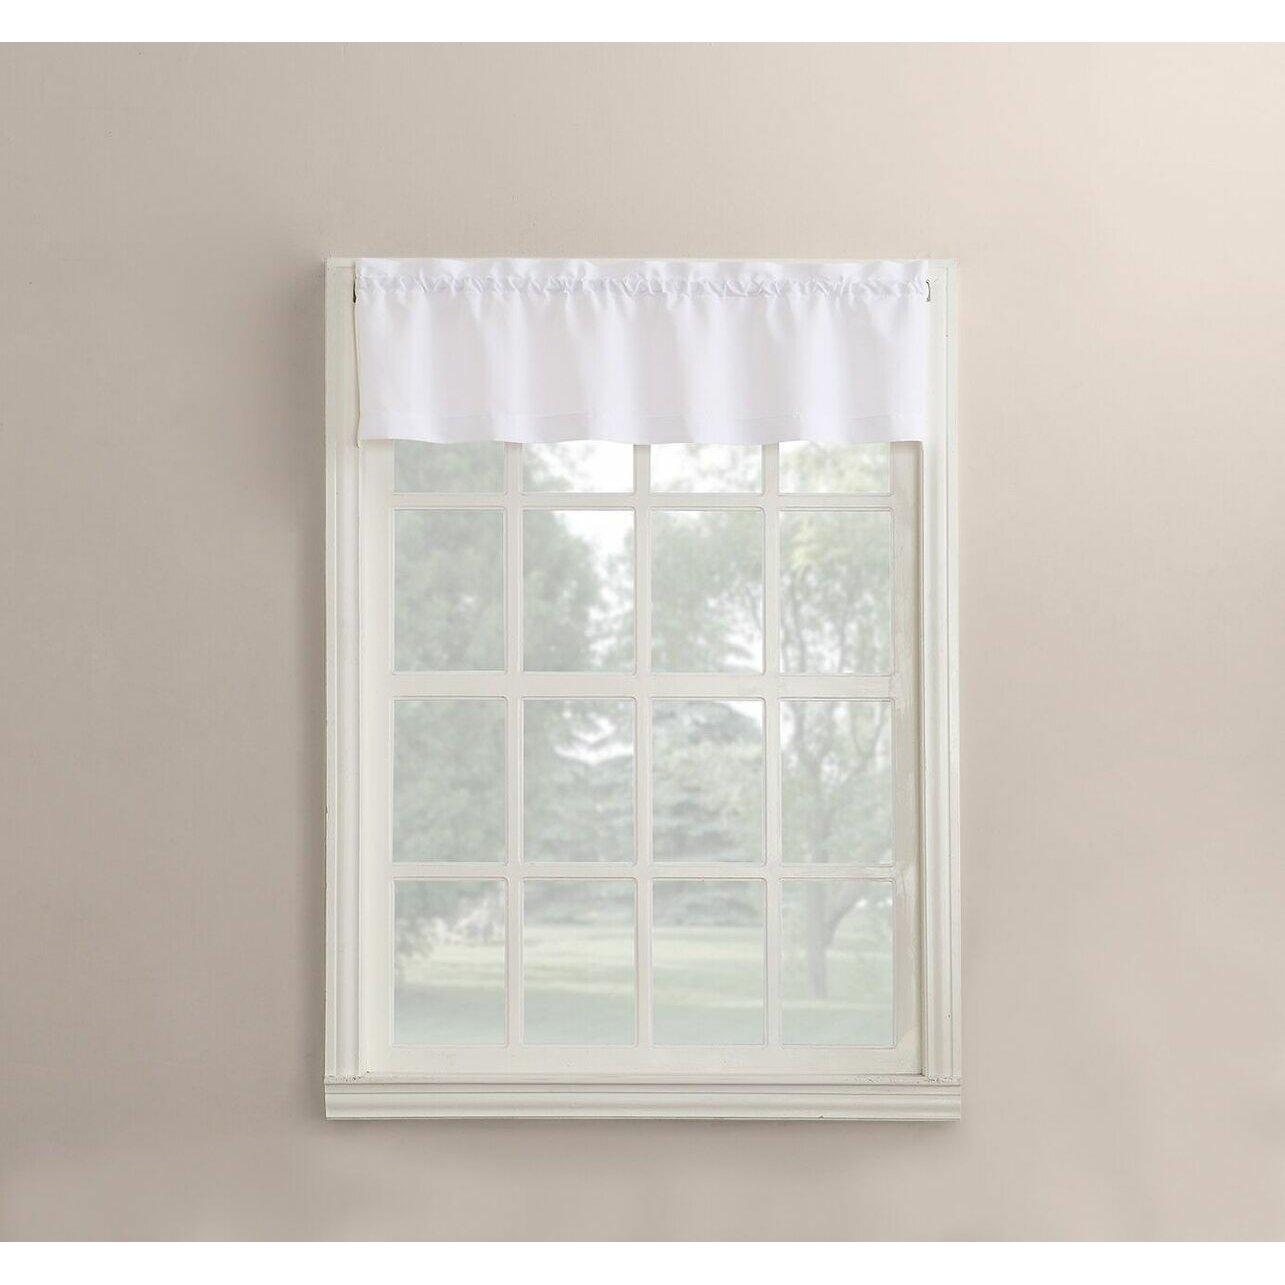 Hamilton 3 Piece Kitchen Curtain Set Available In 4: No. 918 Martine Microfiber 3-Piece Kitchen Curtain Set